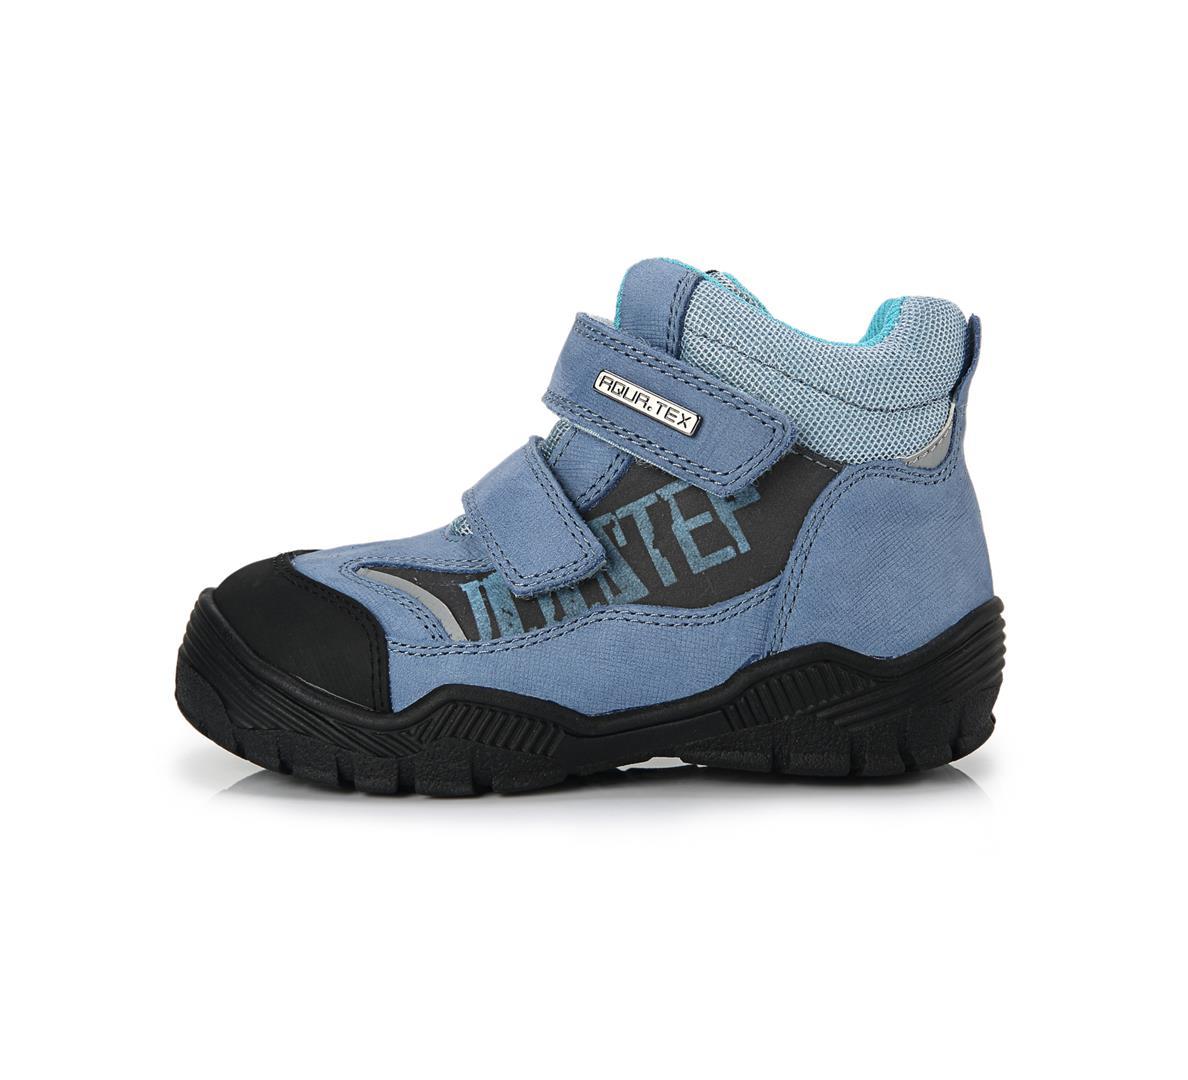 Celoroční boty s membránou